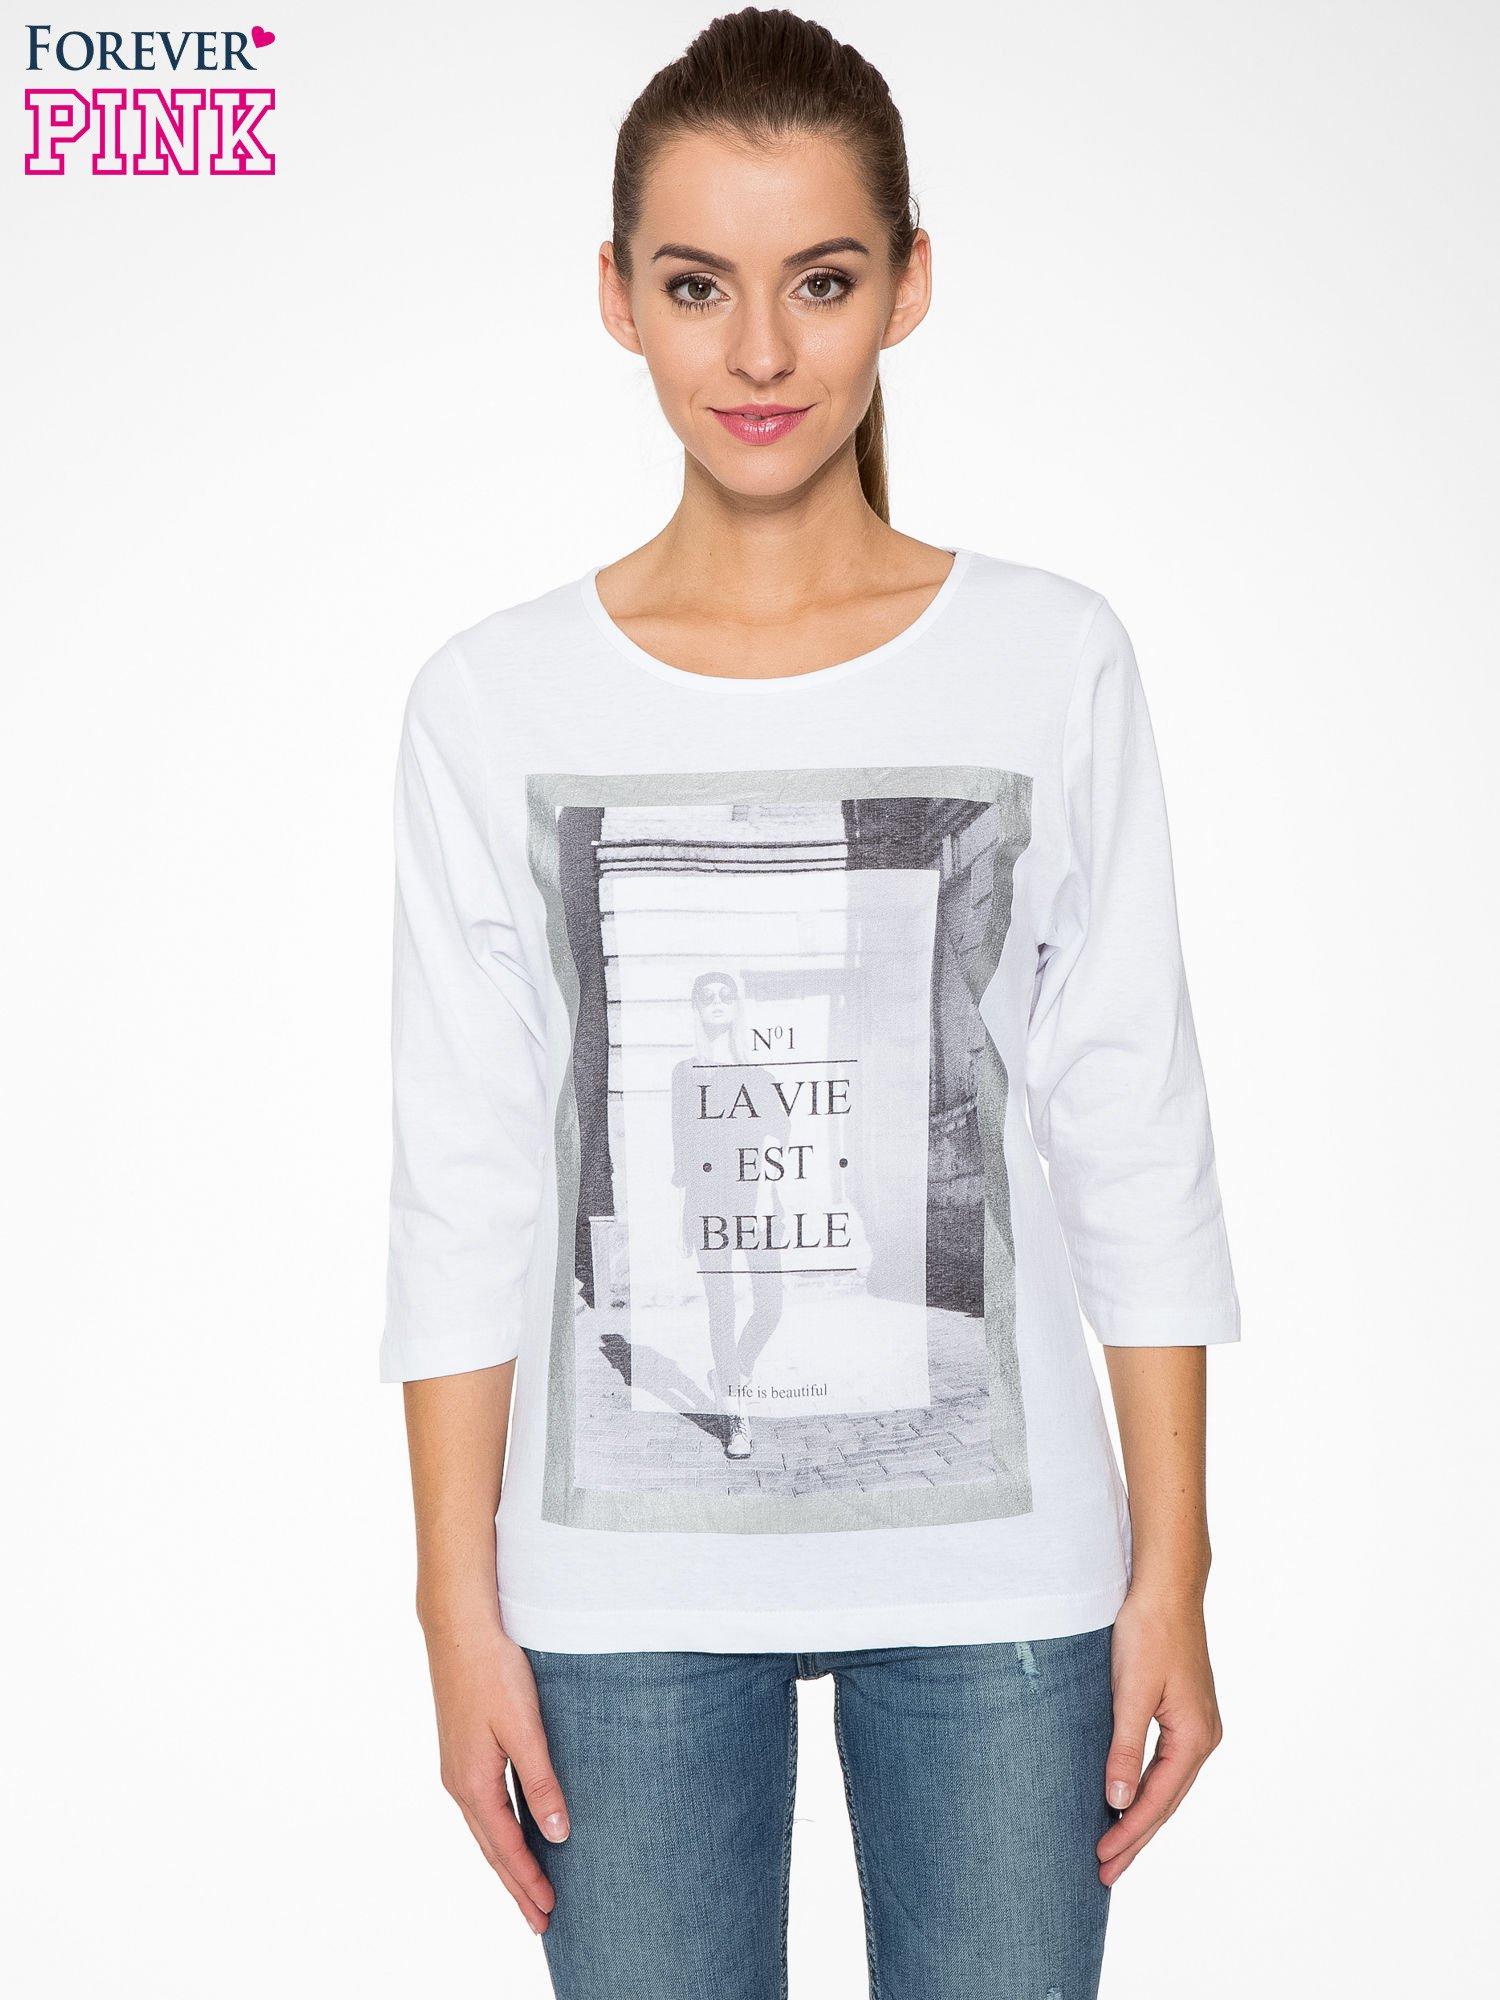 Biała bluzka w stylu fashion z nadrukiem LA VIE EST BELLE                                  zdj.                                  1